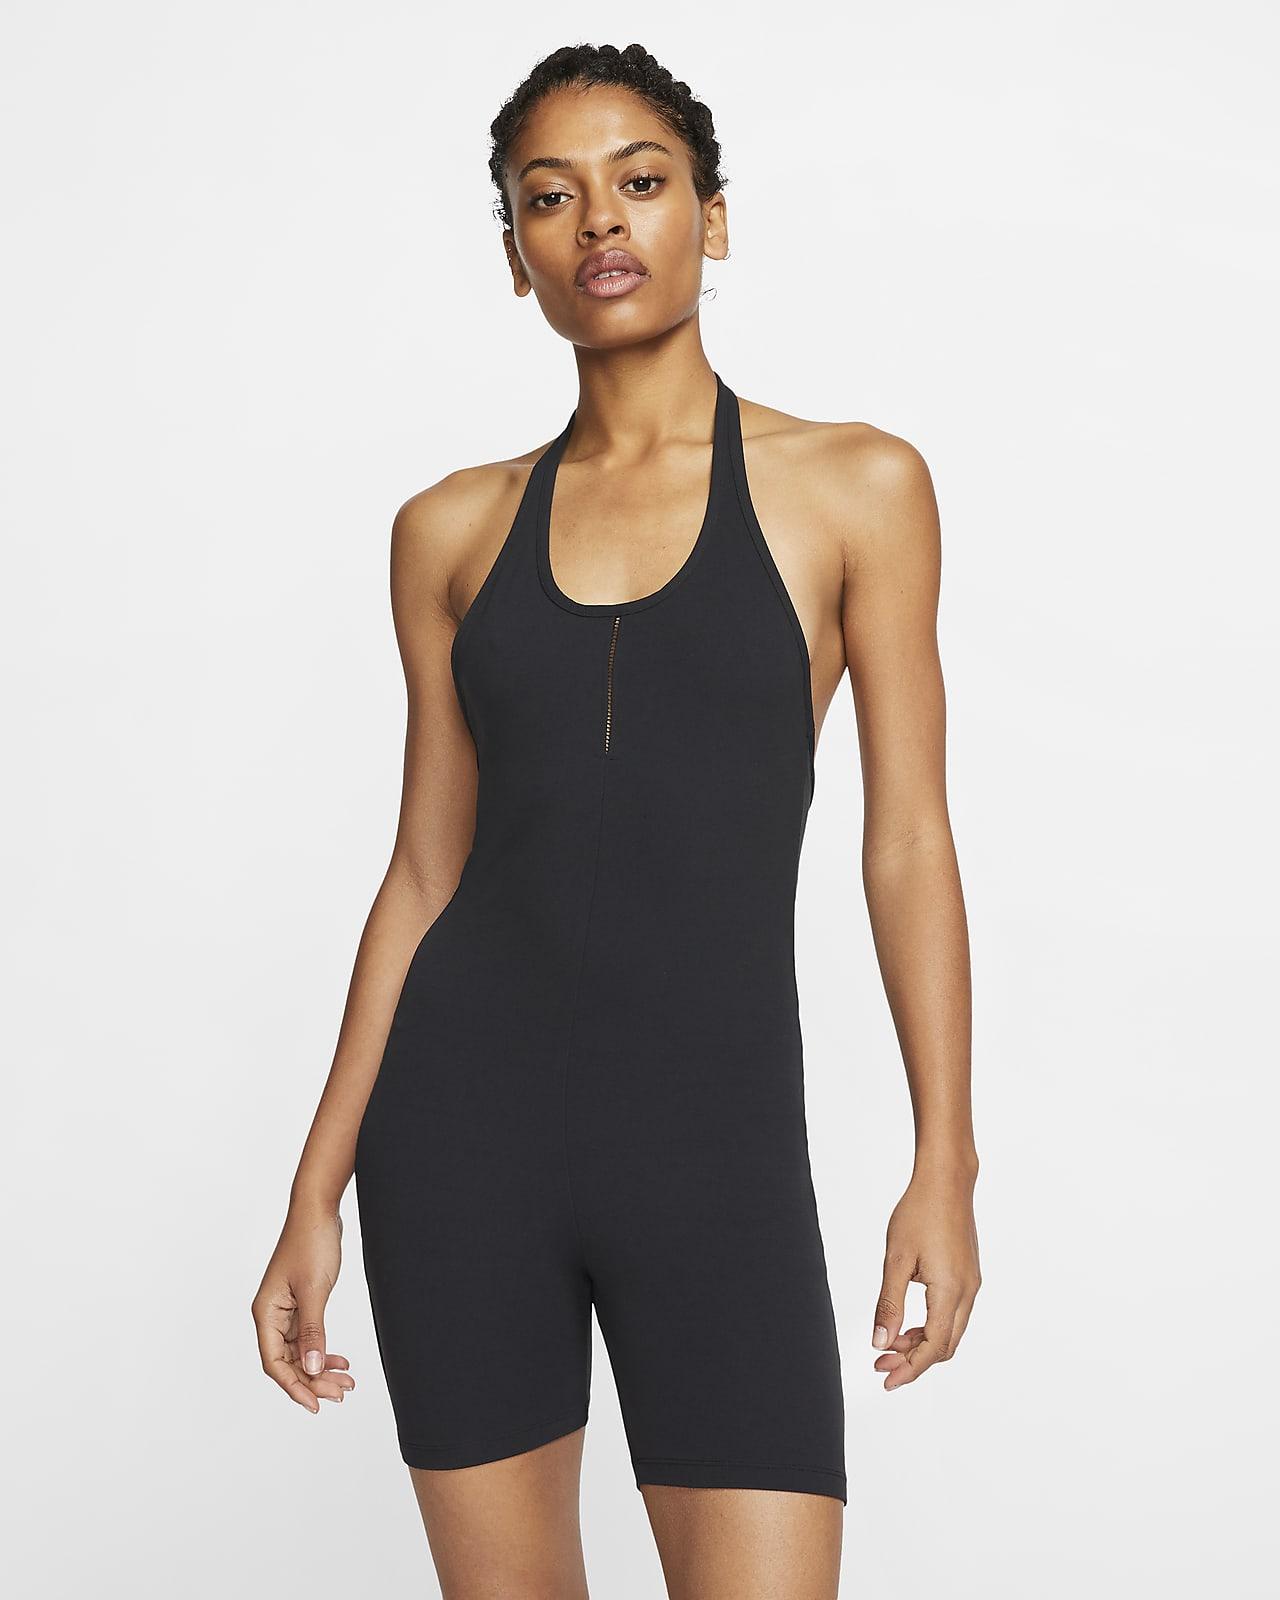 Macacão em Infinalon Nike Yoga Luxe para mulher